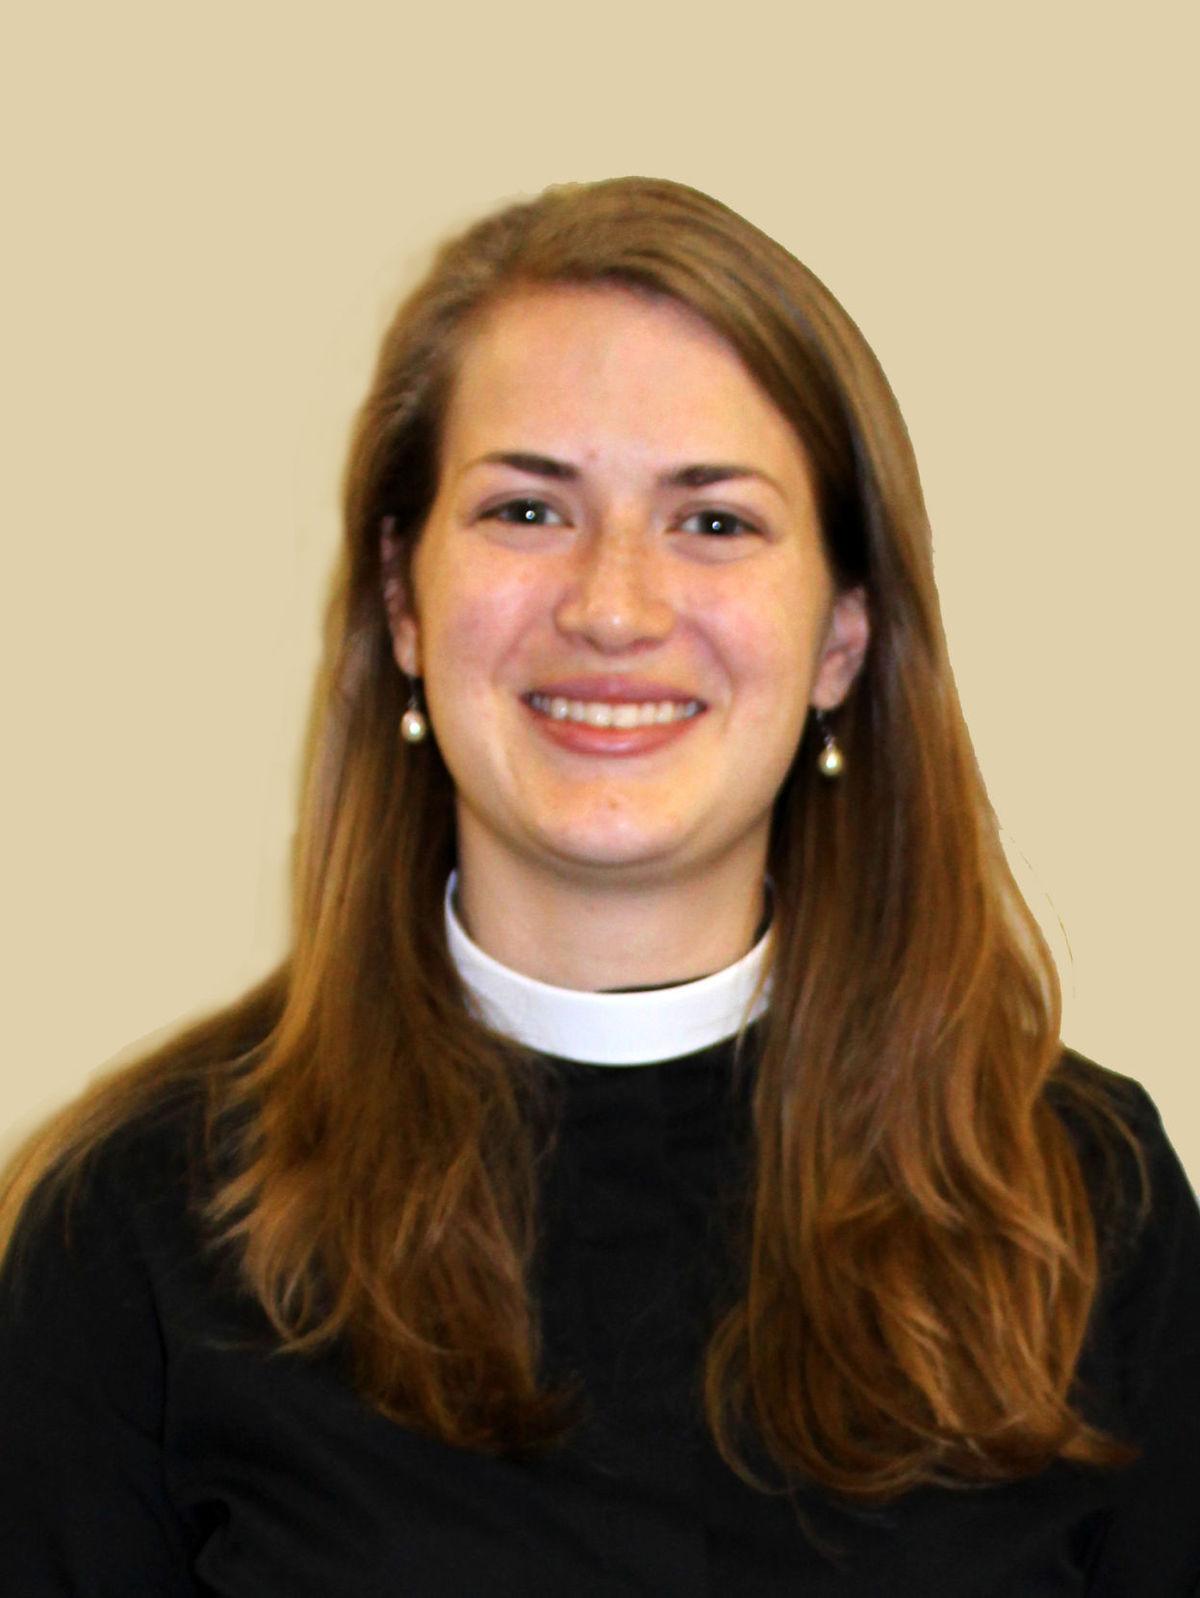 The Rev. Jane-Allison Wiggin-Nettles